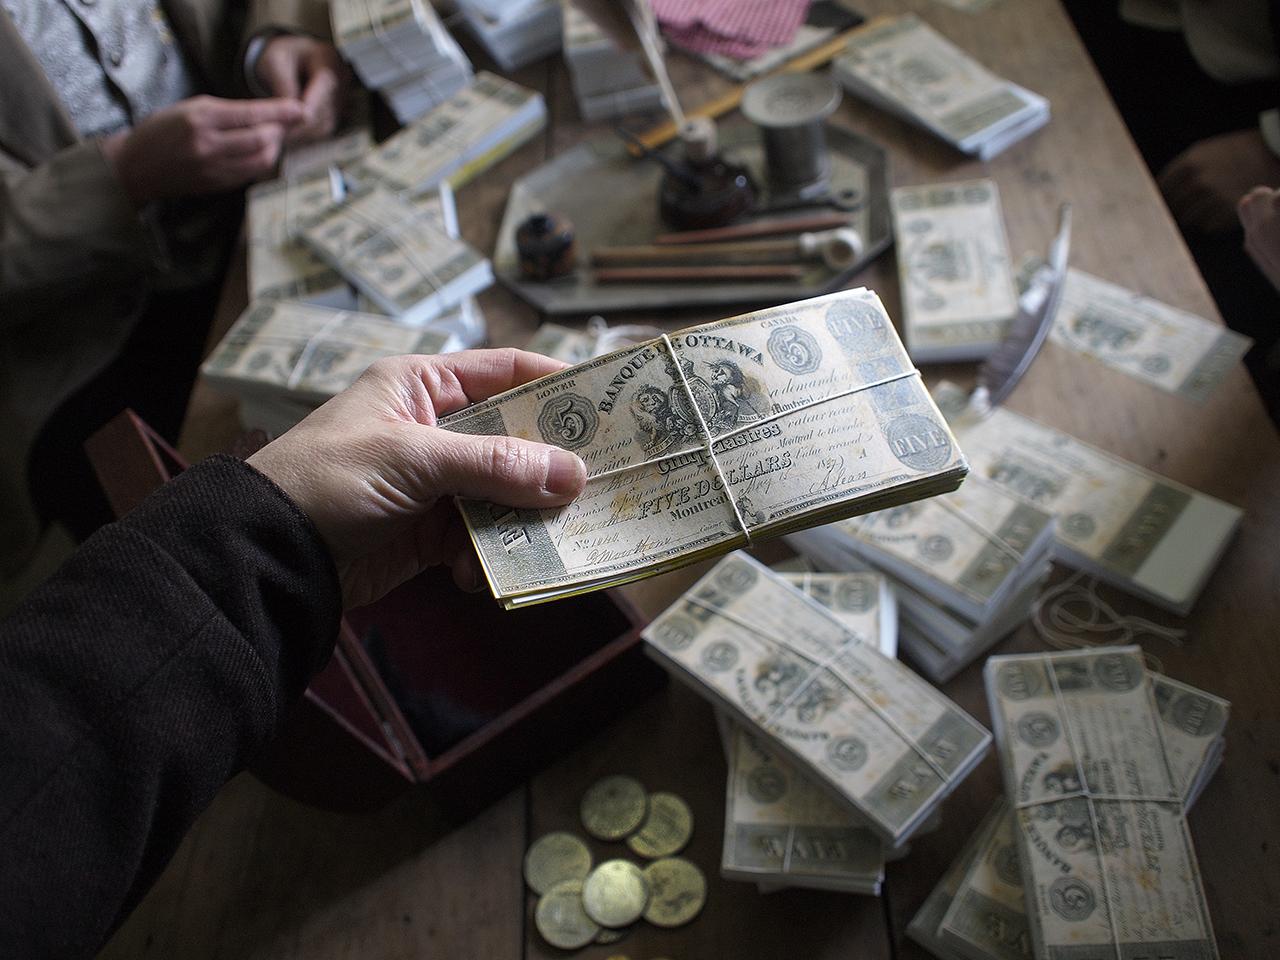 Liasses de faux billets